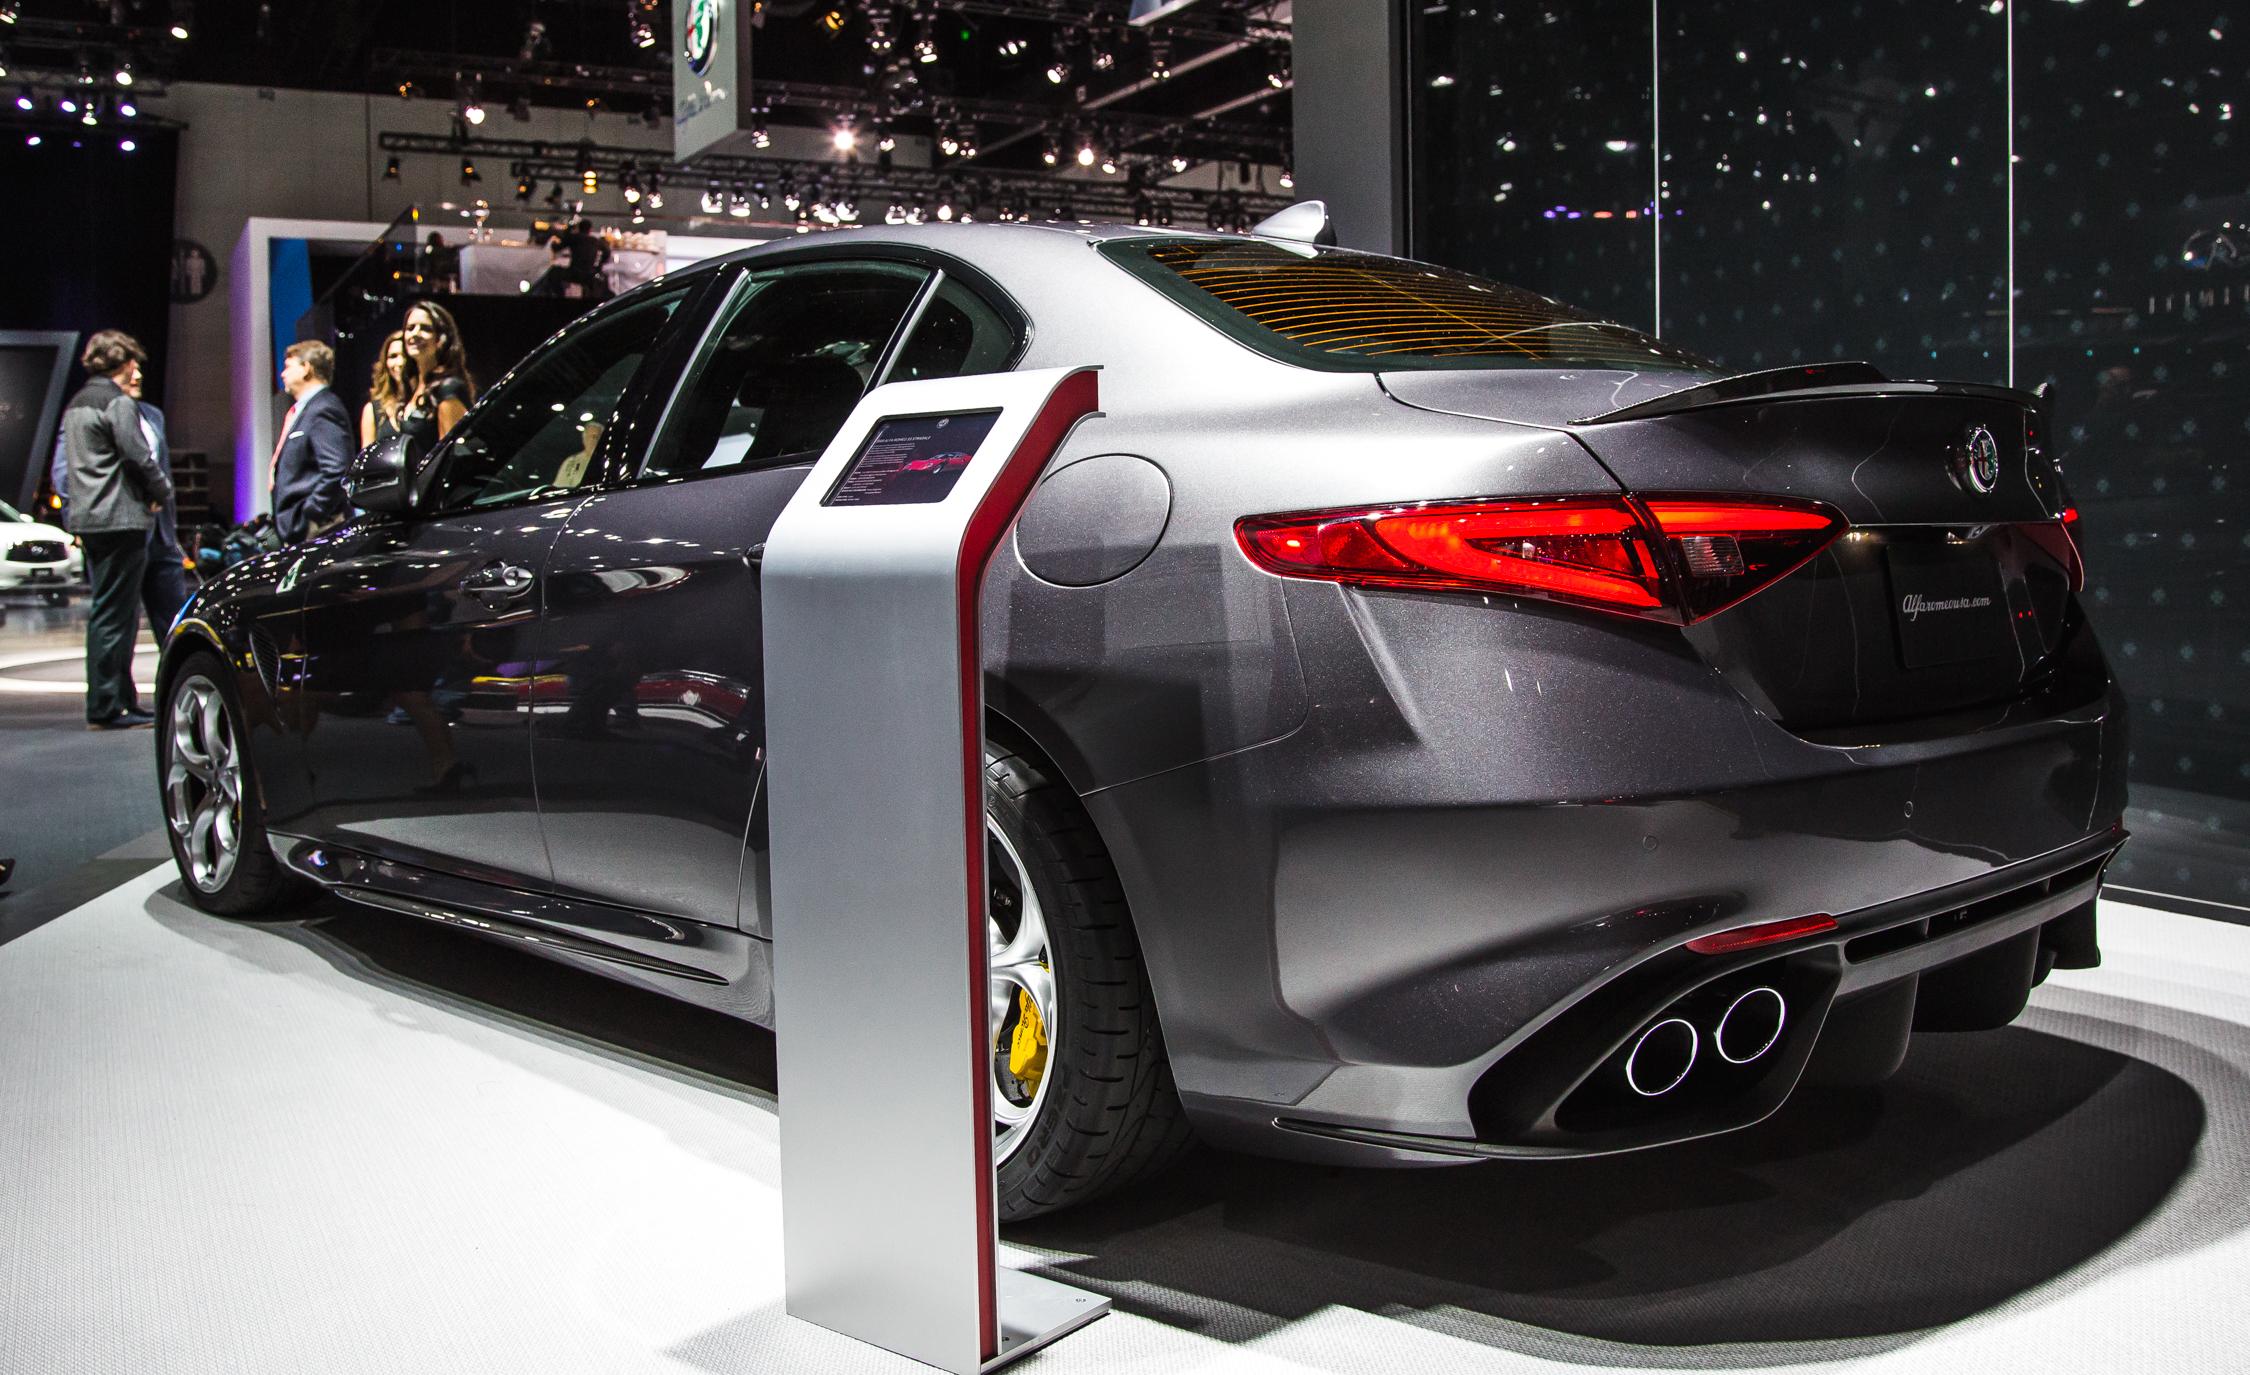 2017 Alfa Romeo Giulia Quadrifoglio Rear Side Design